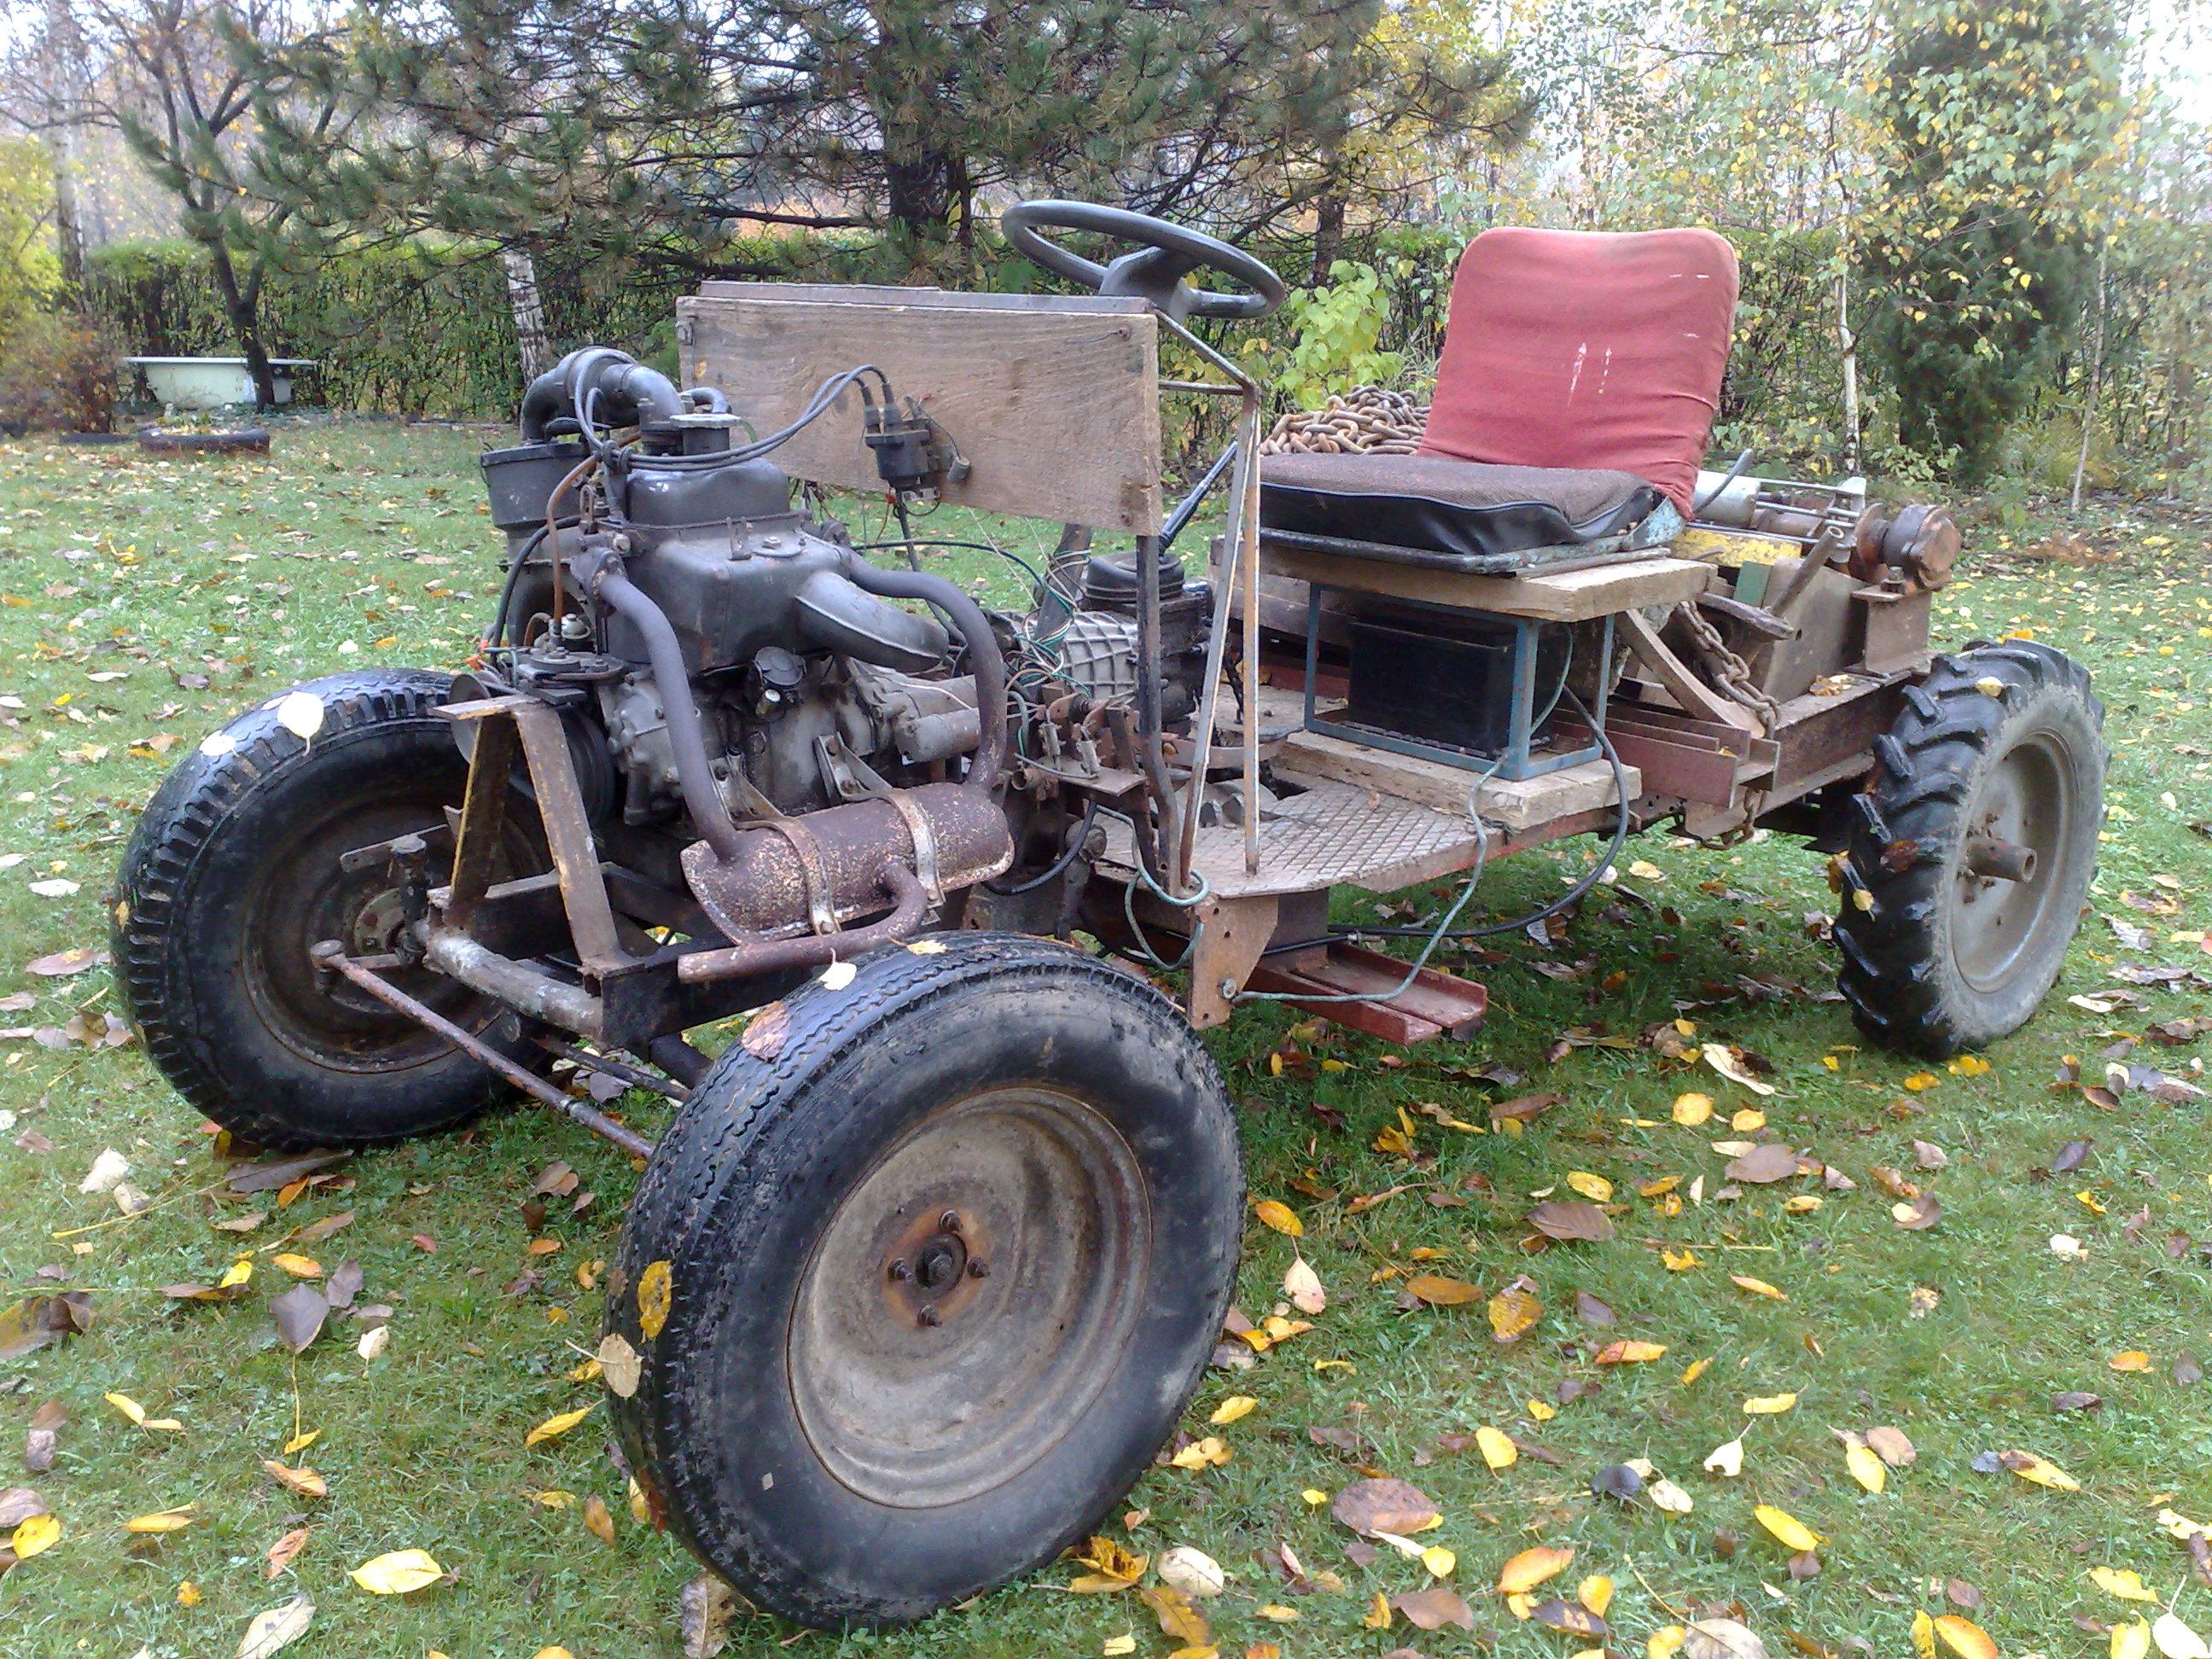 Budowa traktora sam - Nie wiem jak zmienic przelozenie.